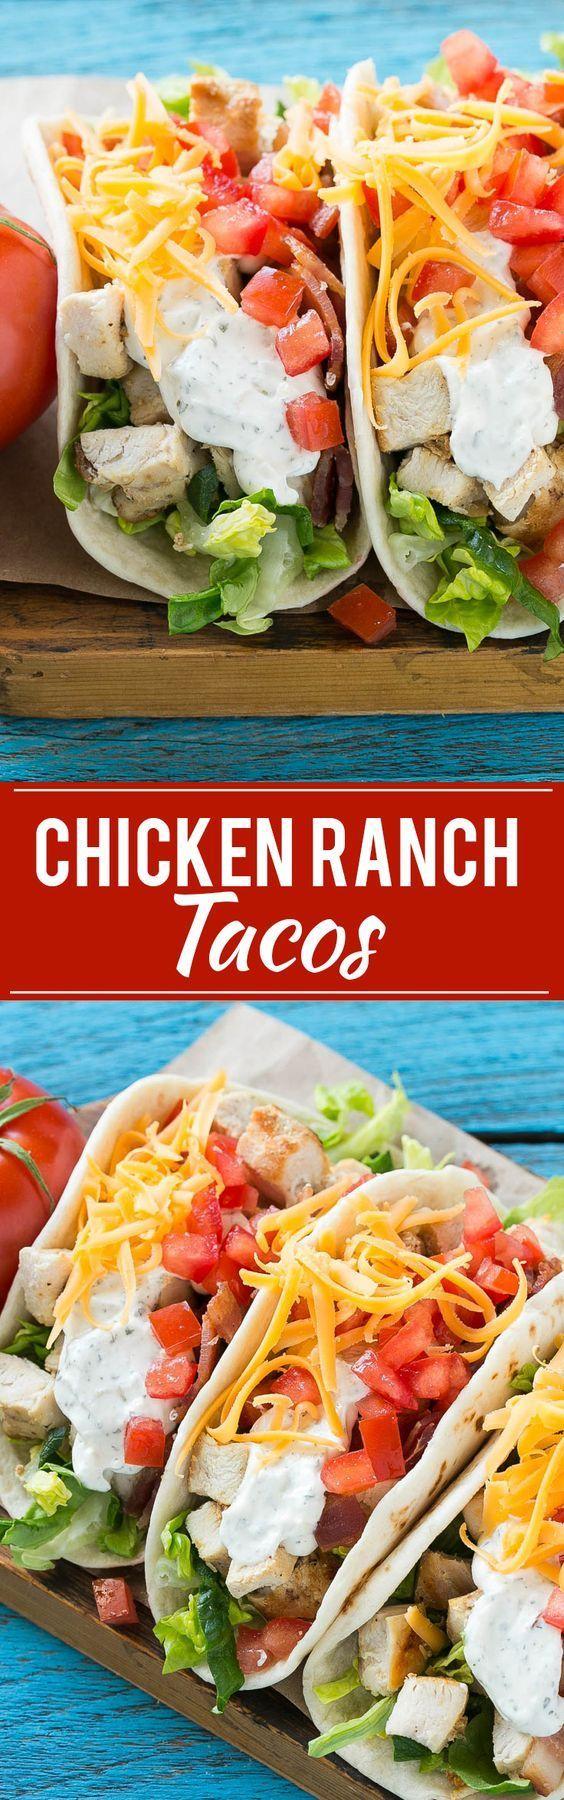 programme du r gime cette recette pour les tacos de poulet est un poulet grill au bacon une. Black Bedroom Furniture Sets. Home Design Ideas